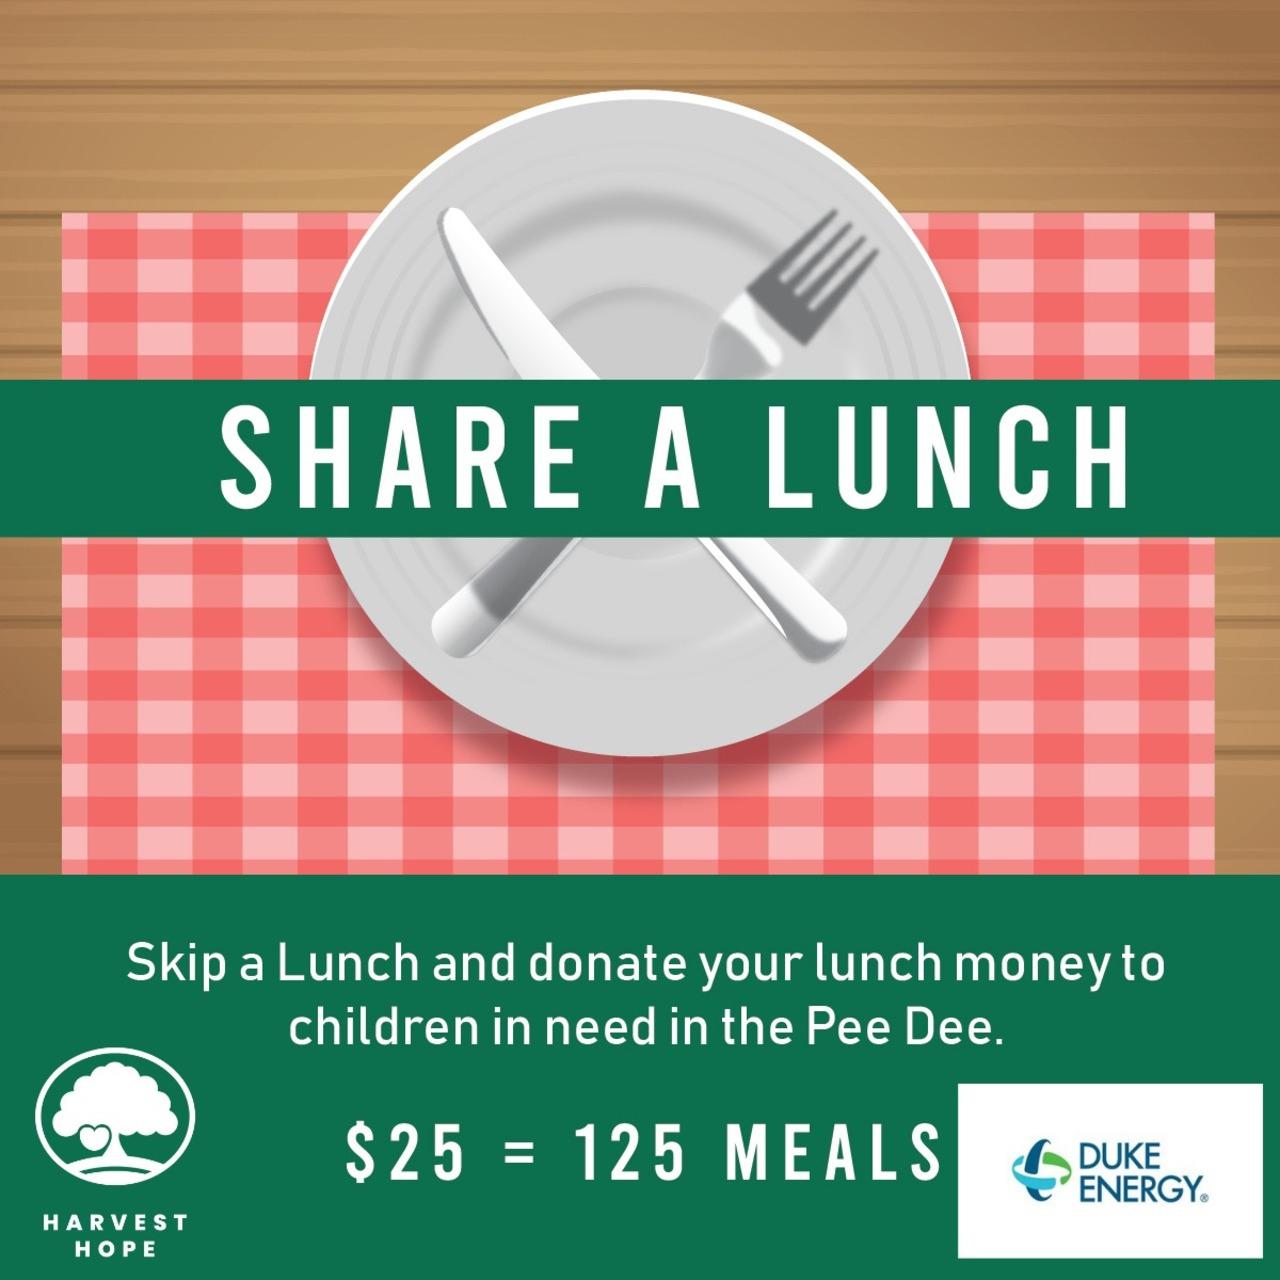 Duke Energy's Share a Lunch Fundraiser for Harvest Hope Food Bank